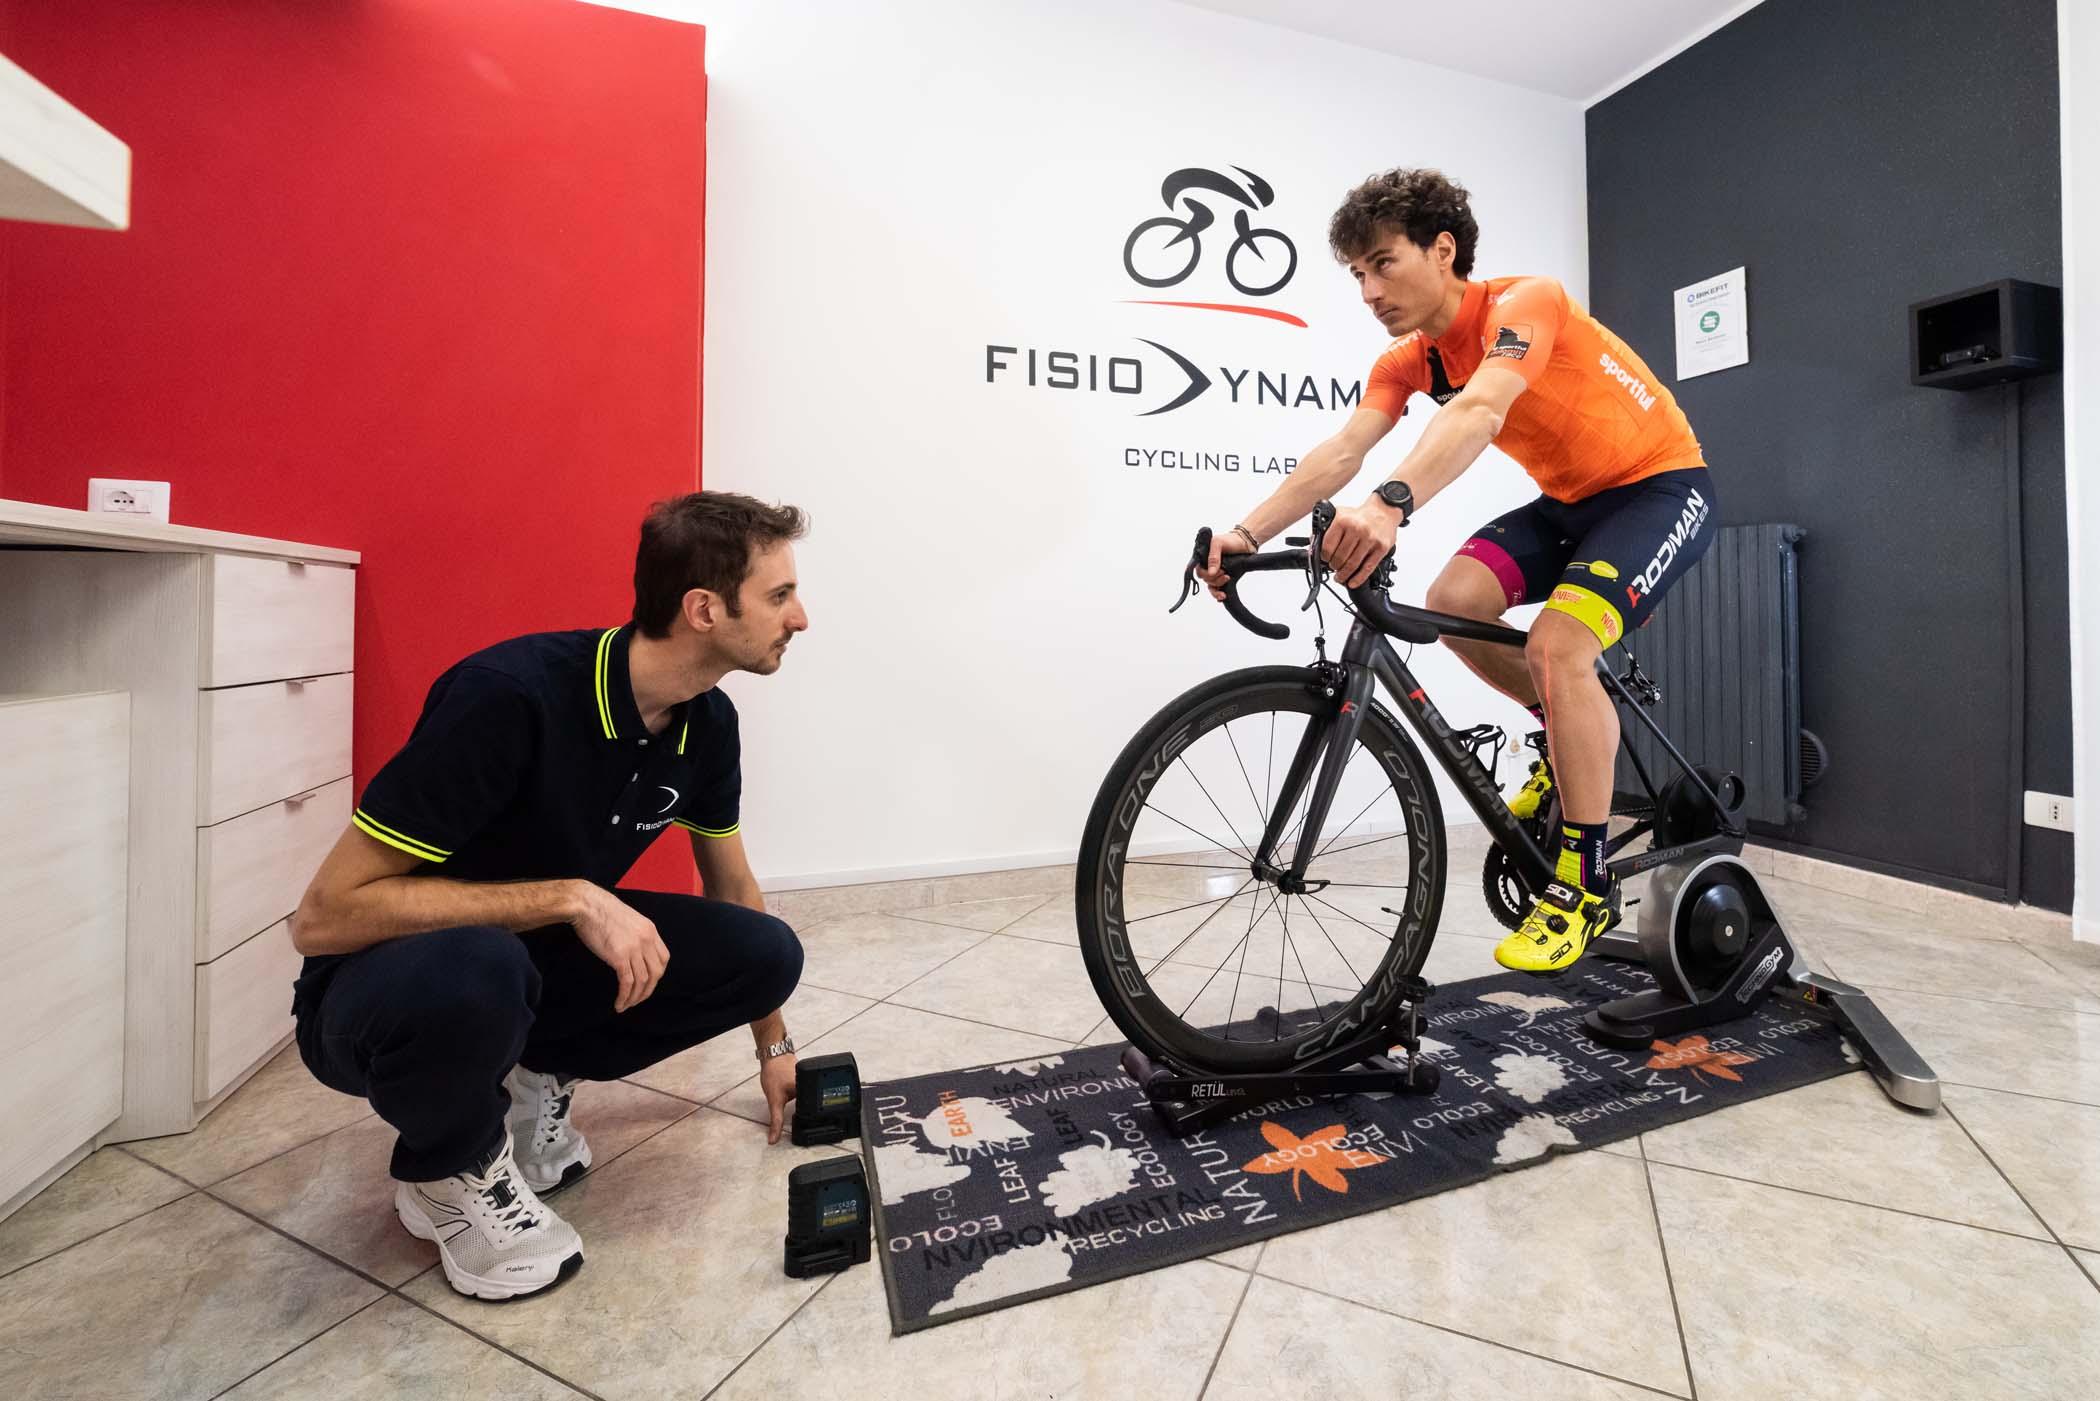 fisioterapia ciclismo torino